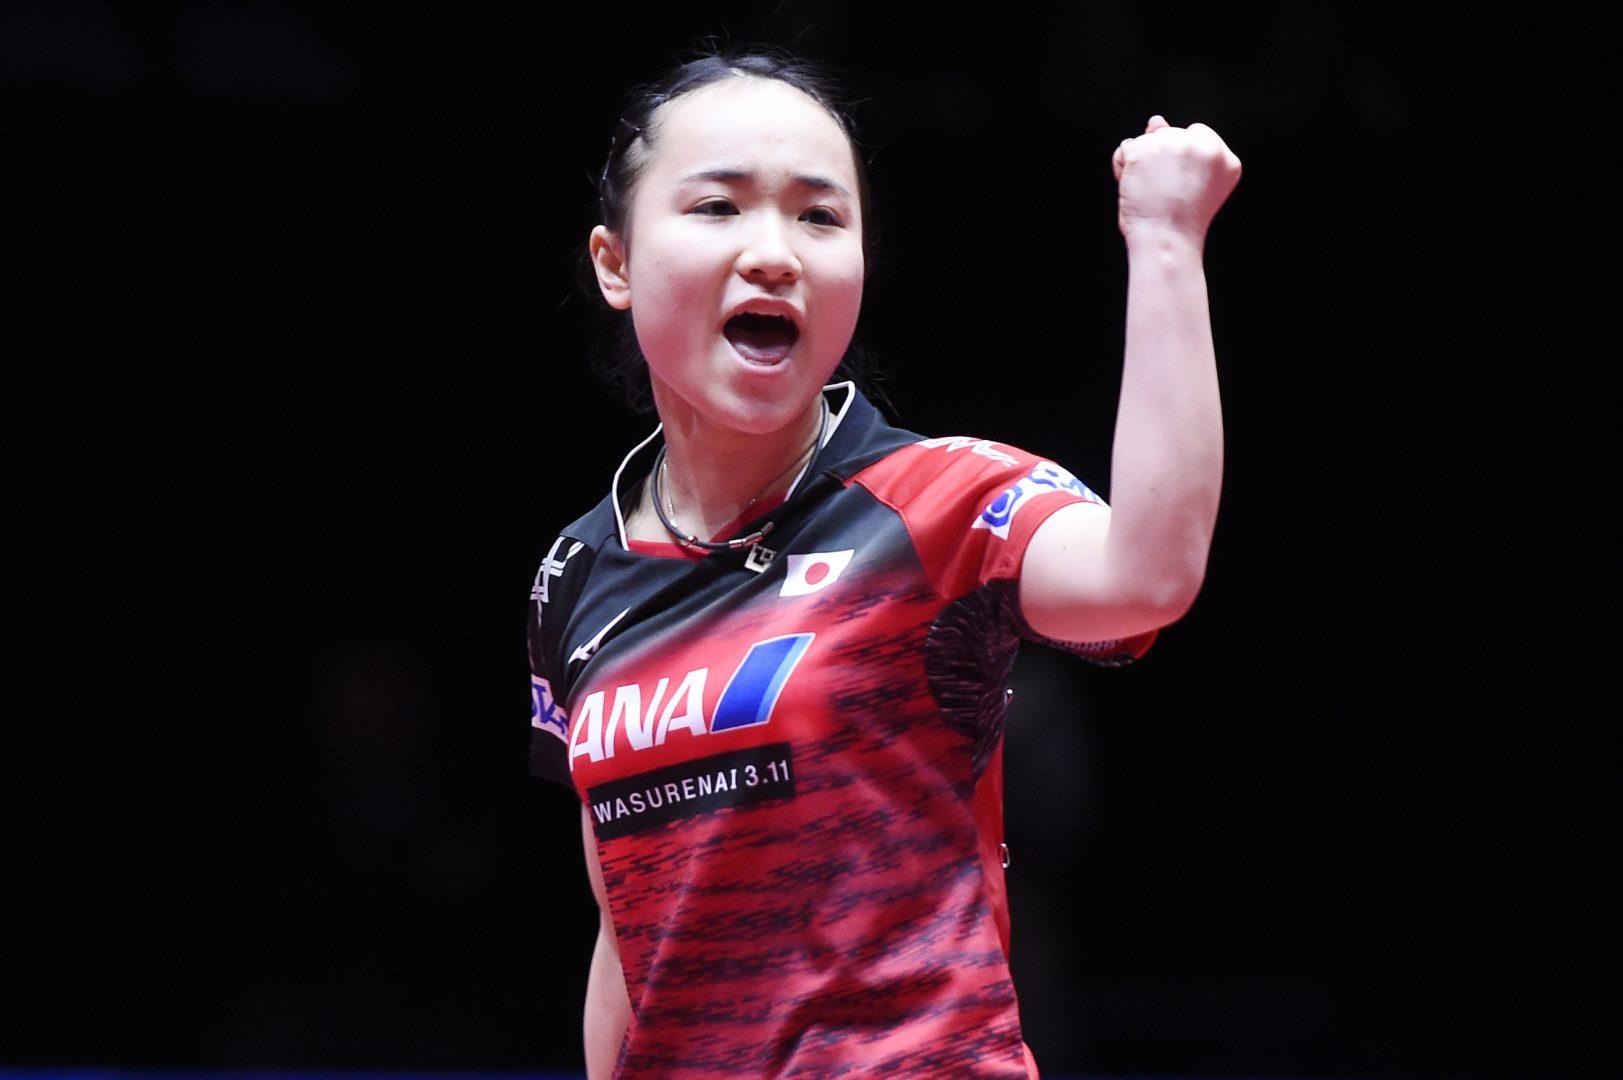 【2019年1月】今月の主要な卓球大会の予定と見どころ